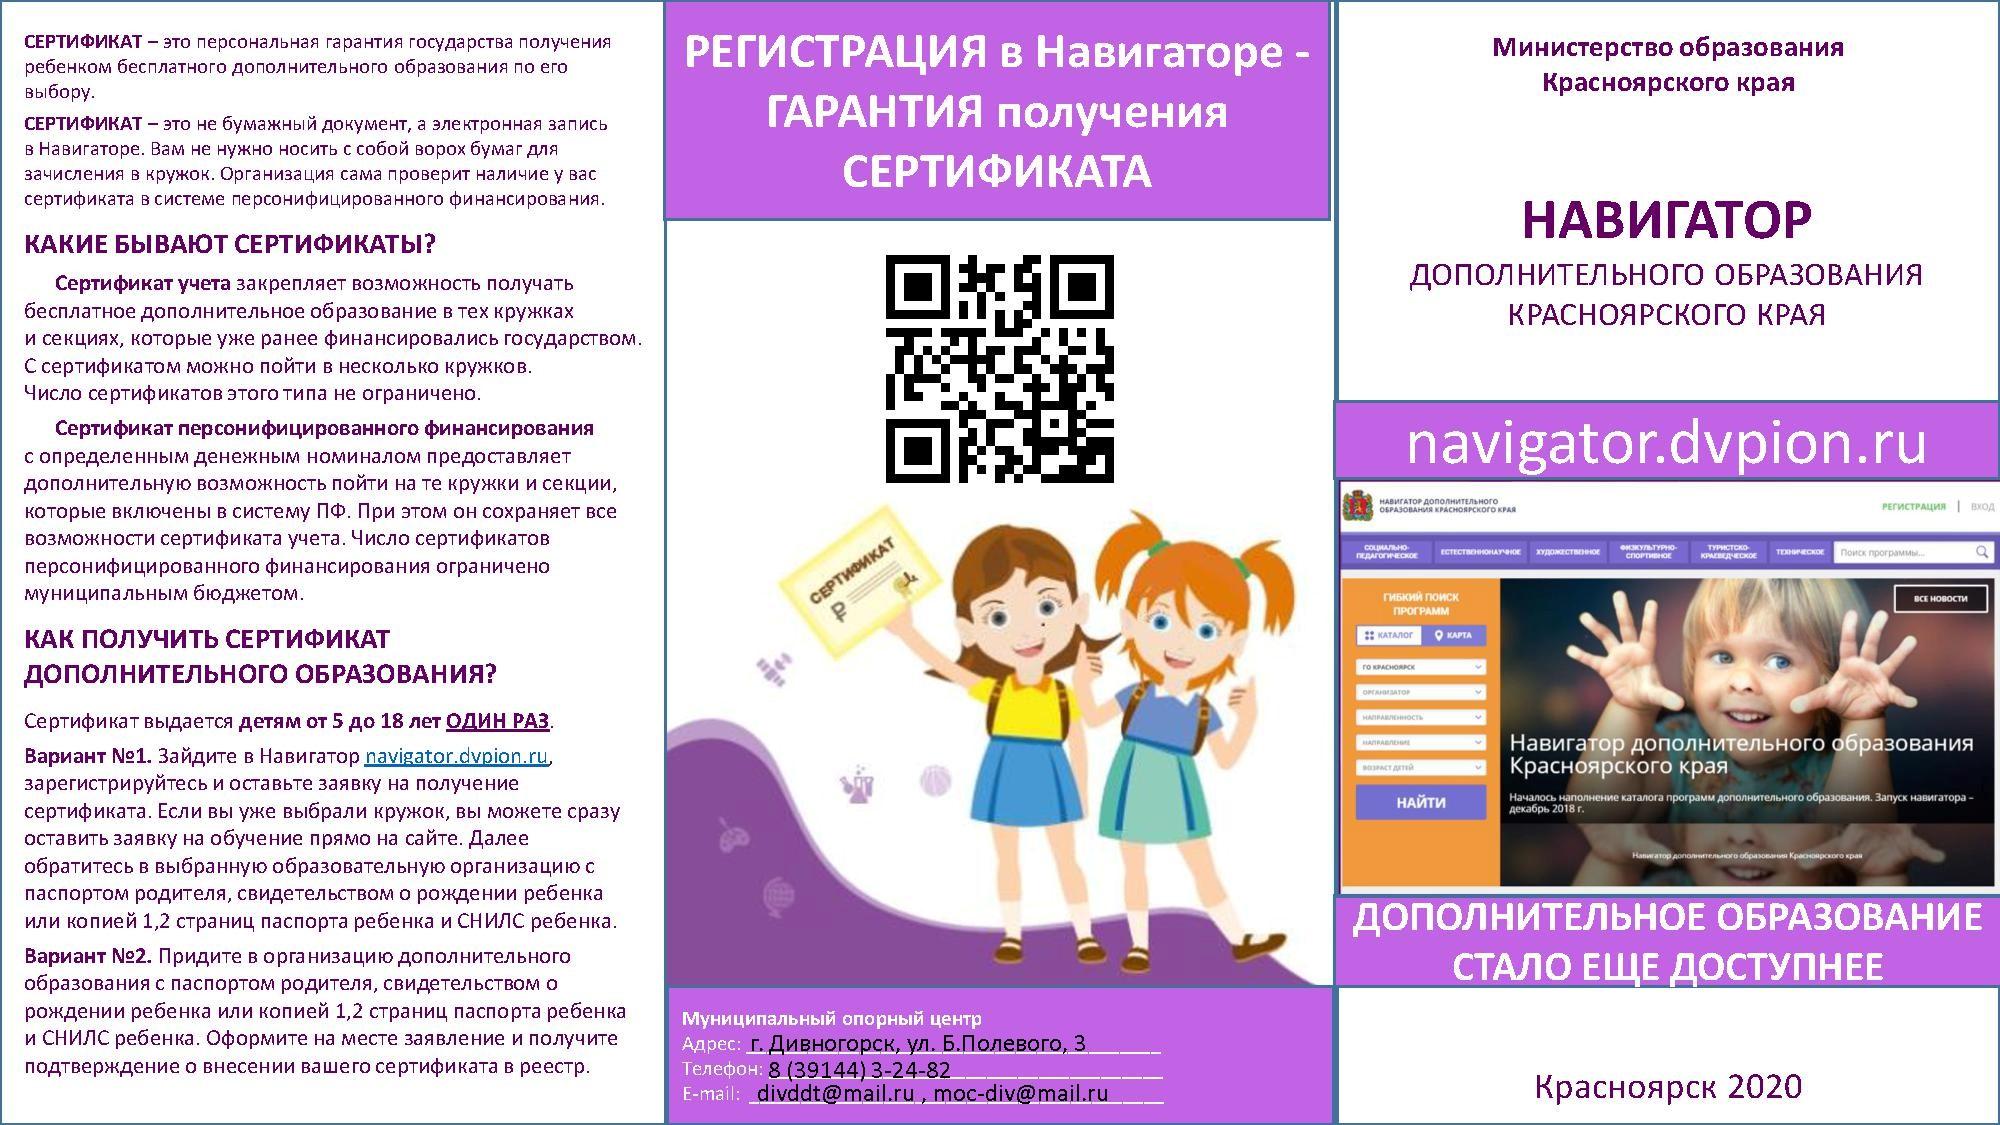 Навигатор дополнительного образования - v-lichnyj-kabinet.ru